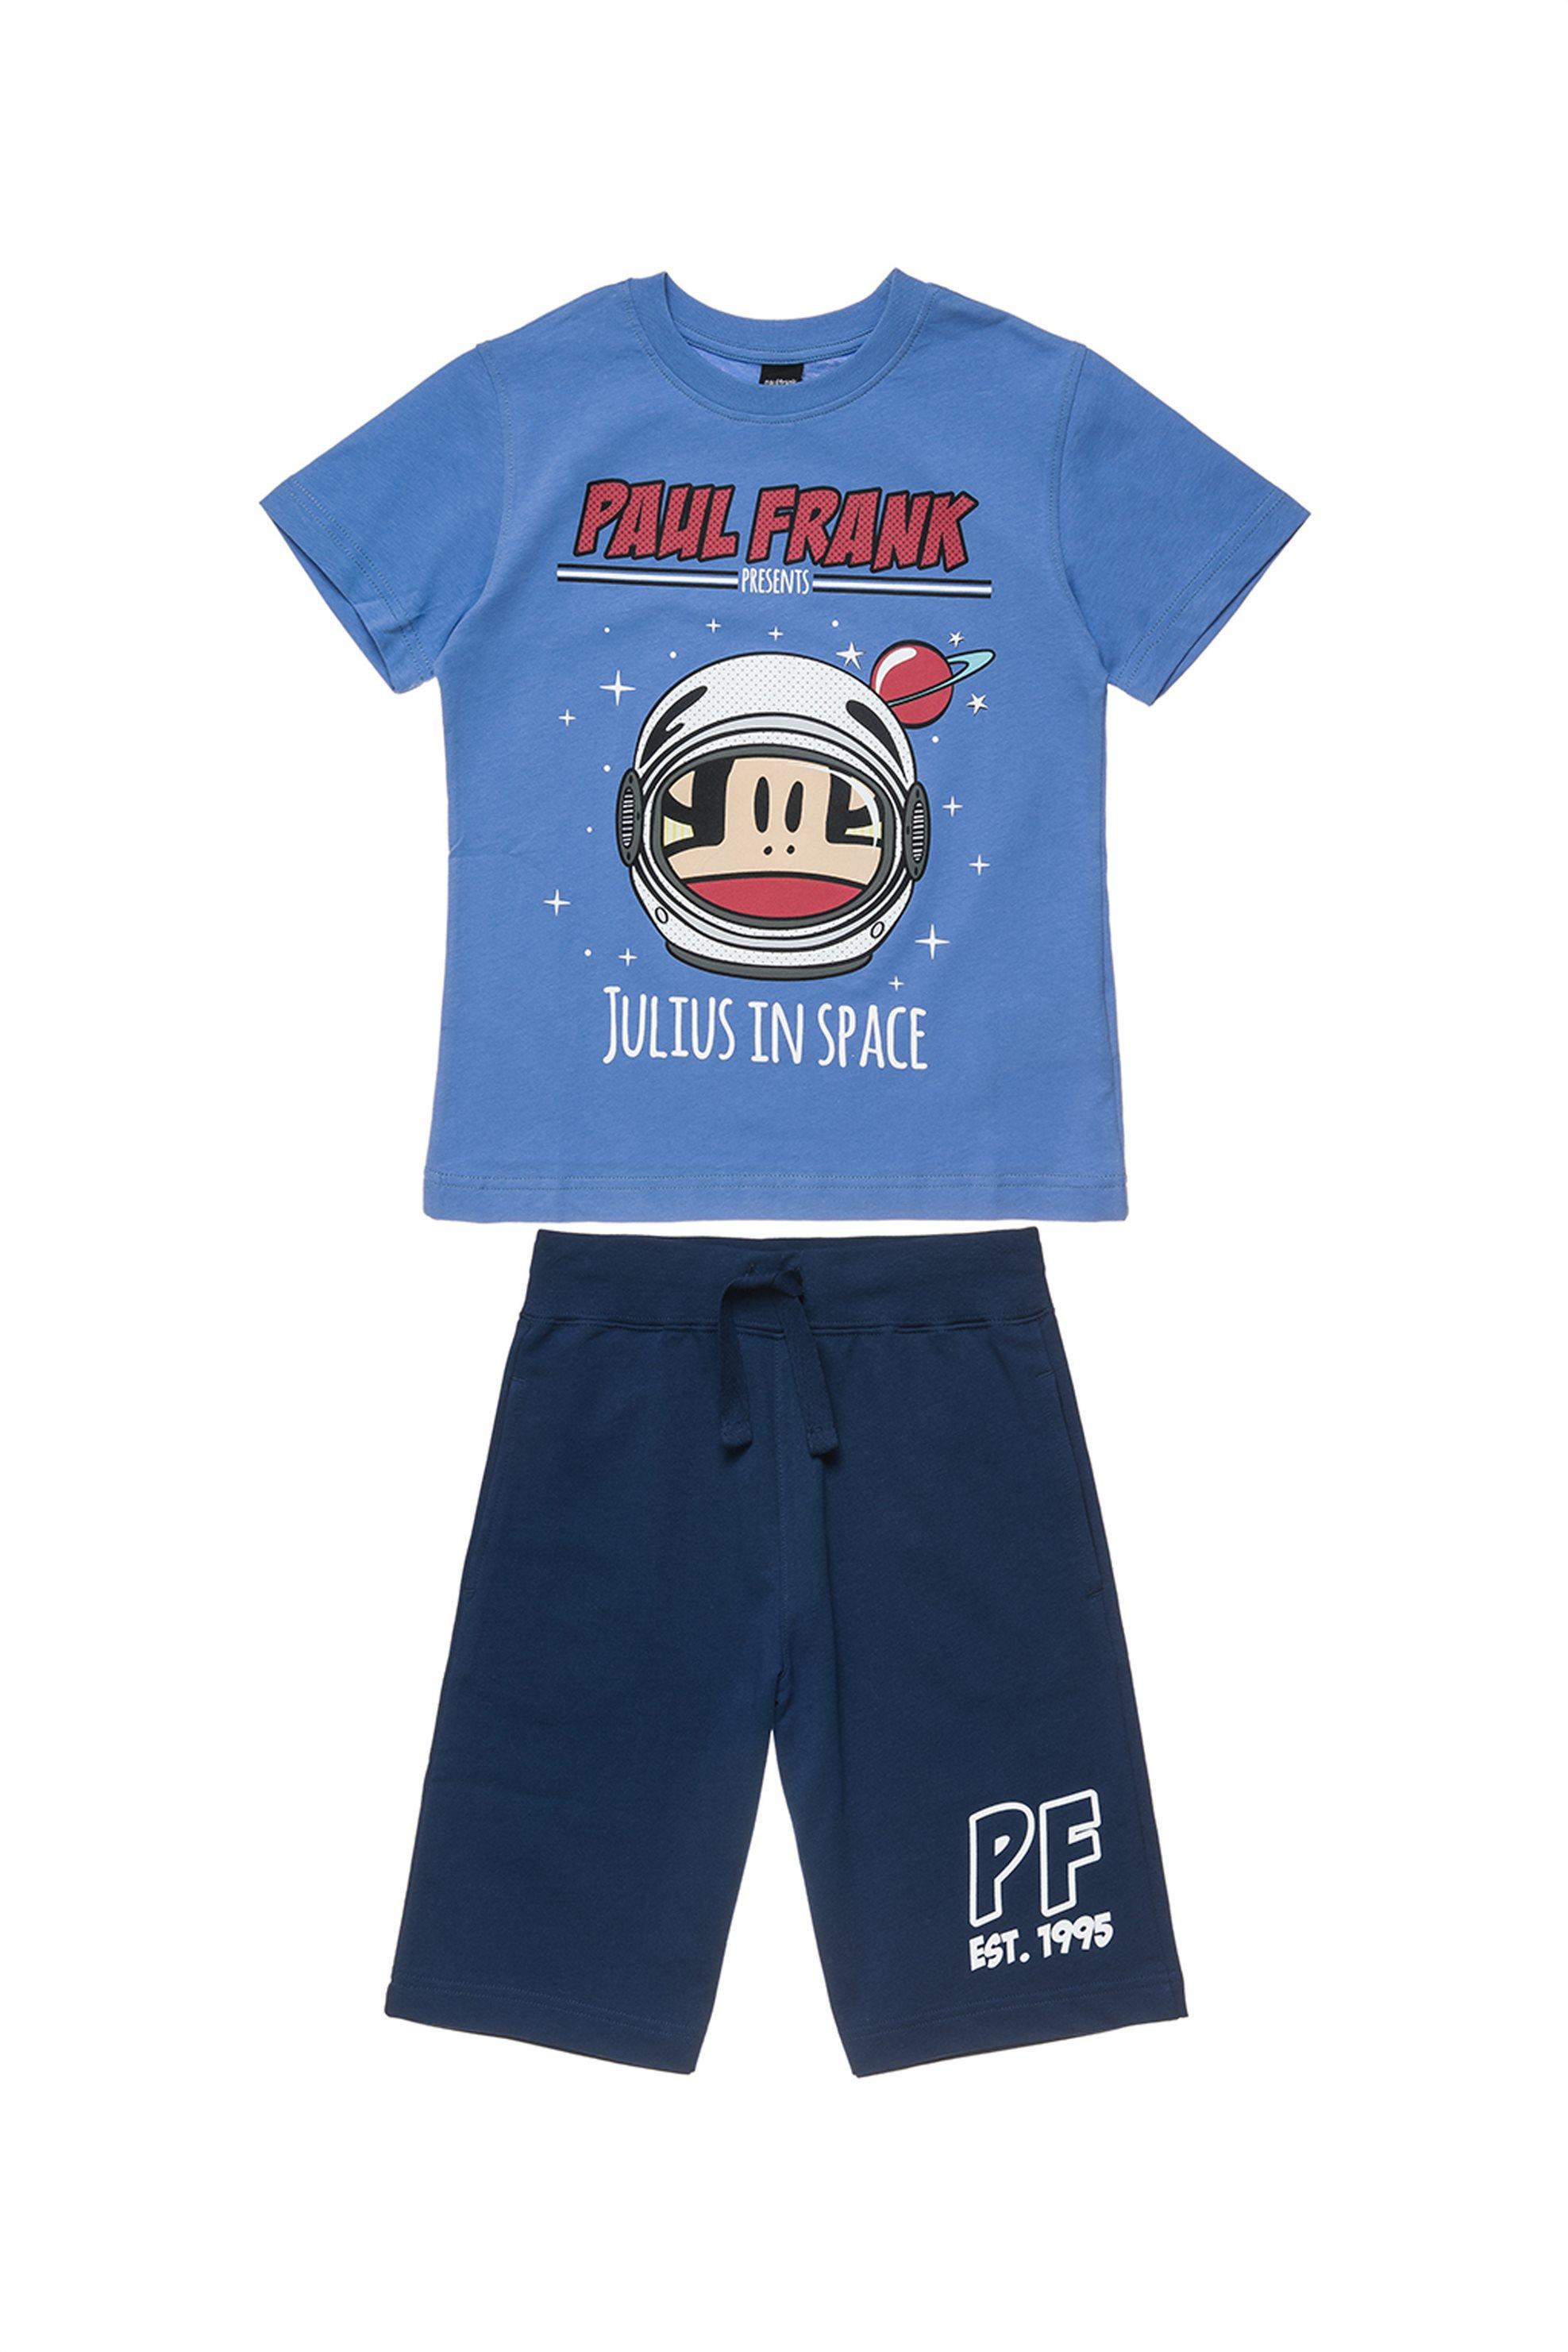 Παιδικό σετ T-shirt με print και βερμούδα (6 - 14 ετών) Paul Frank - 00170338 -  παιδι   αγορι   4 14 ετων   σετ ρούχων